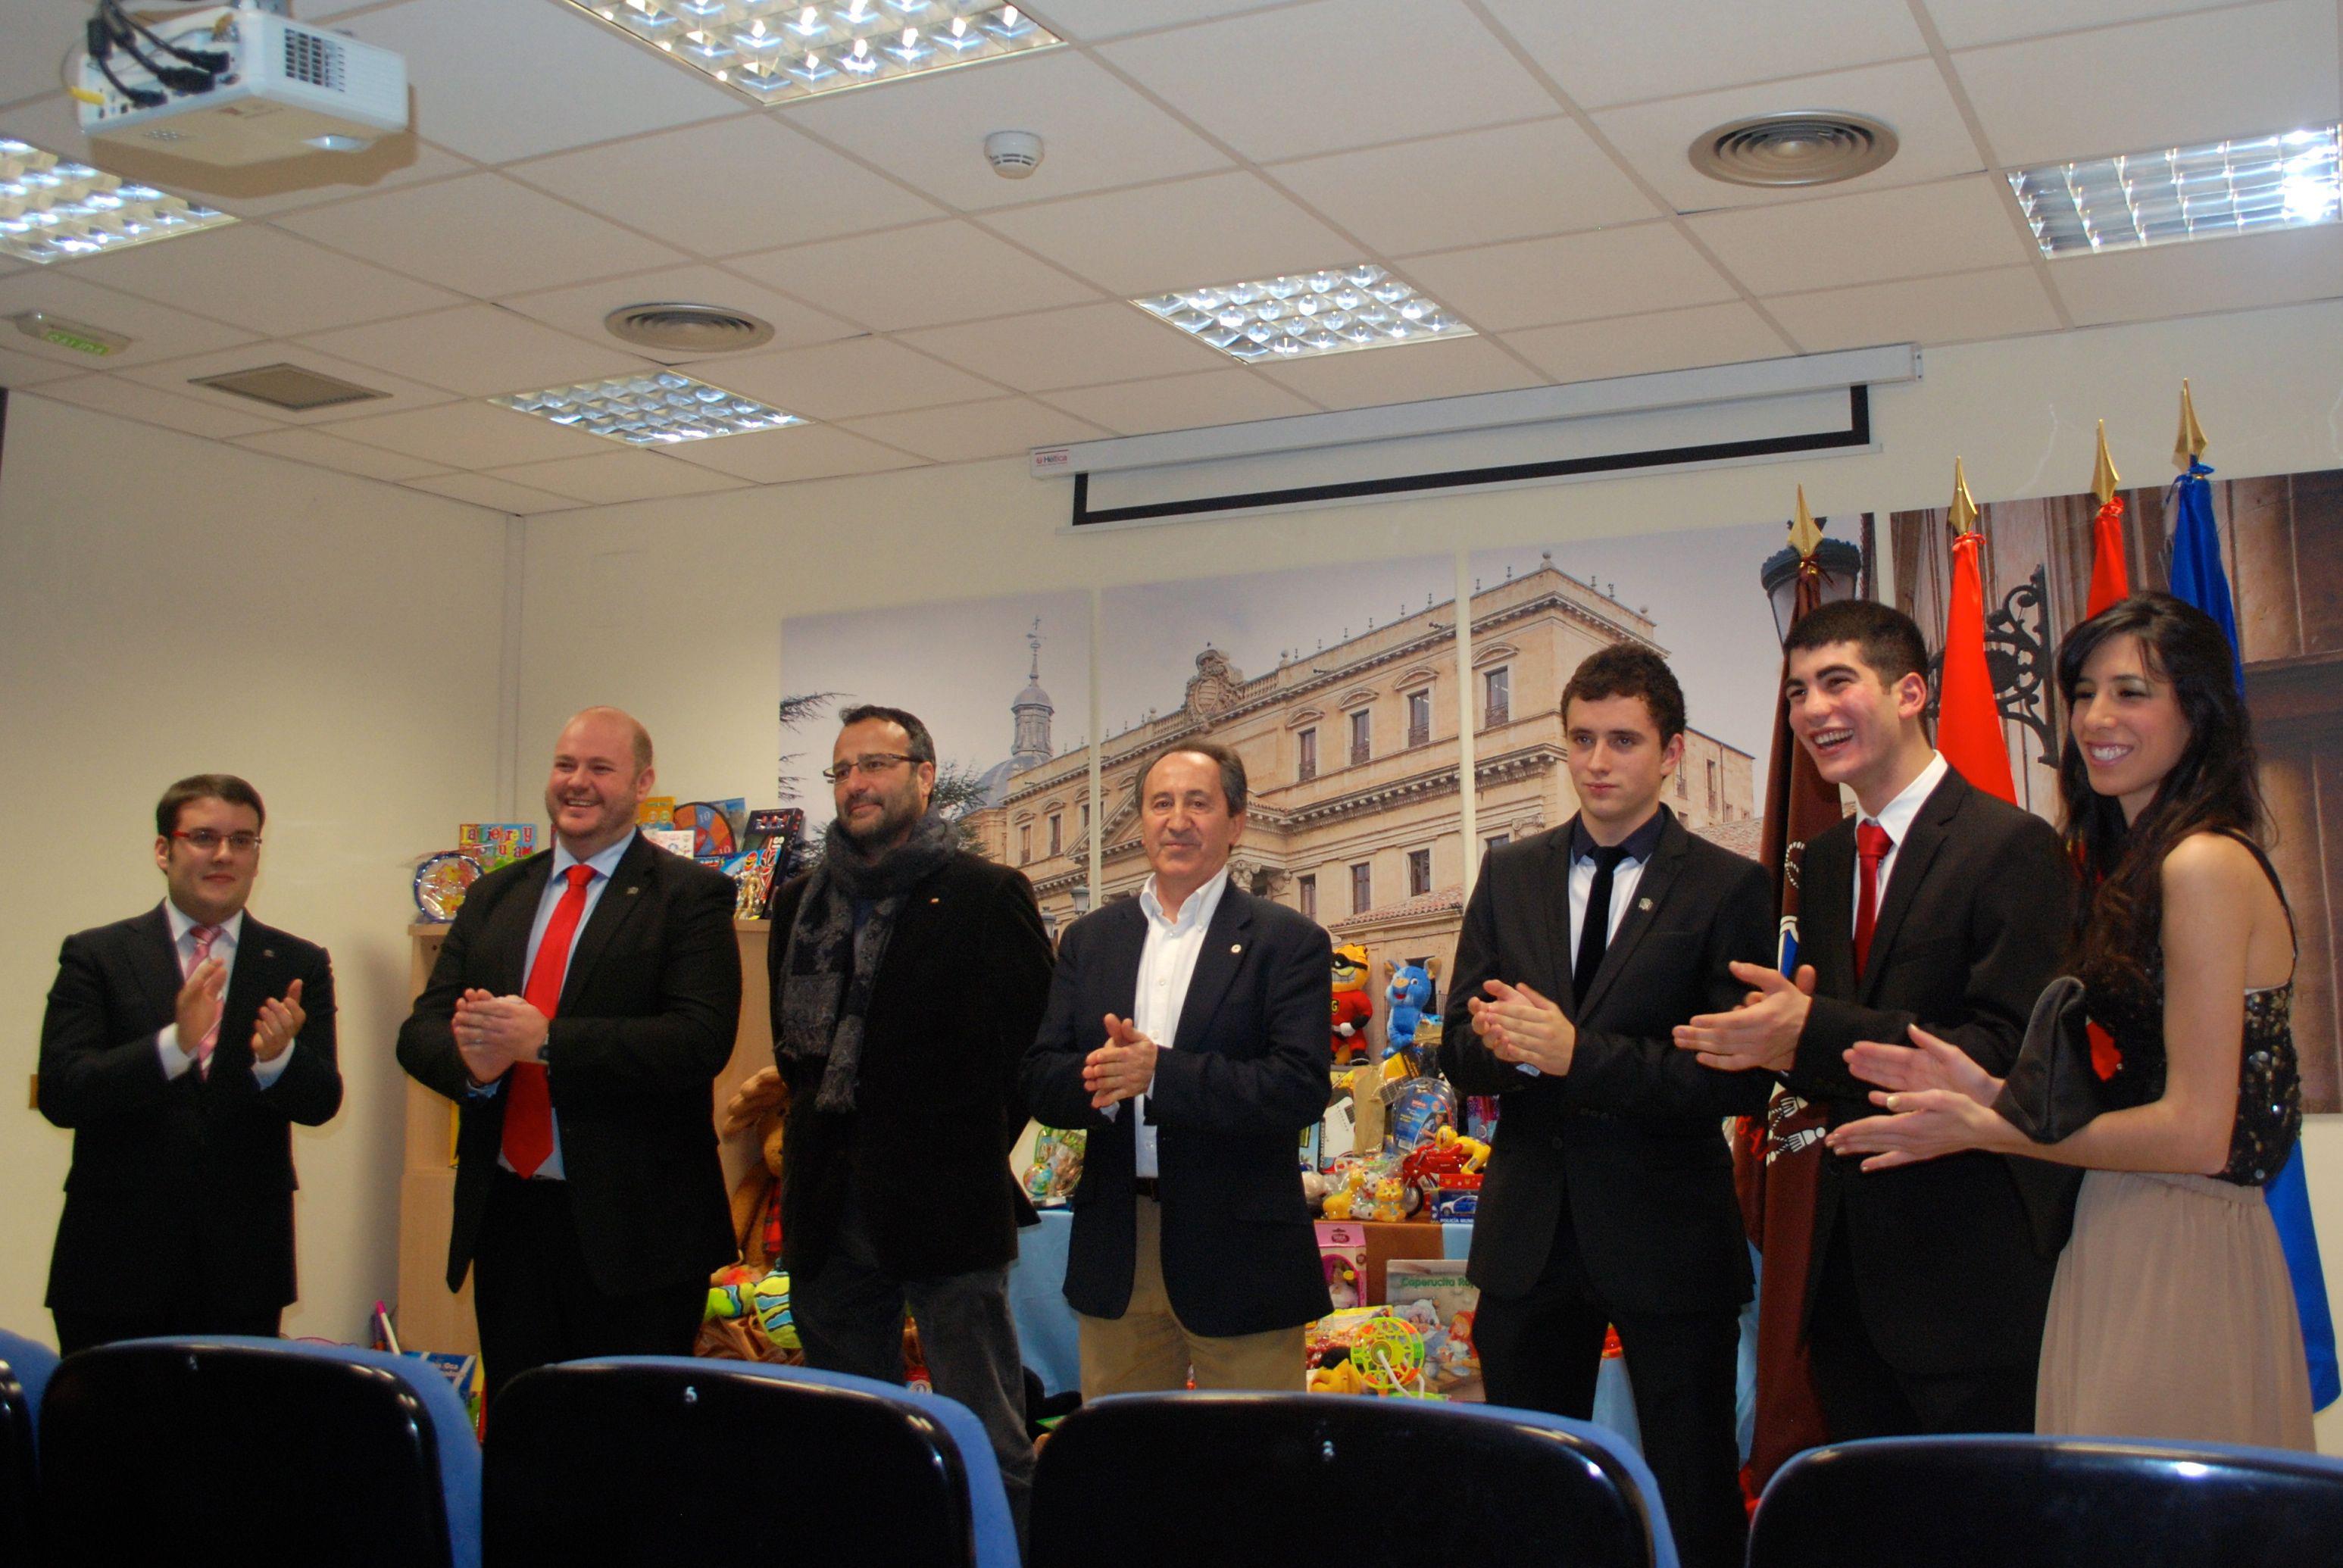 El Colegio Mayor San Bartolomé entrega más de 300 juguetes obtenidos en una campaña solidaria organizada por los residentes